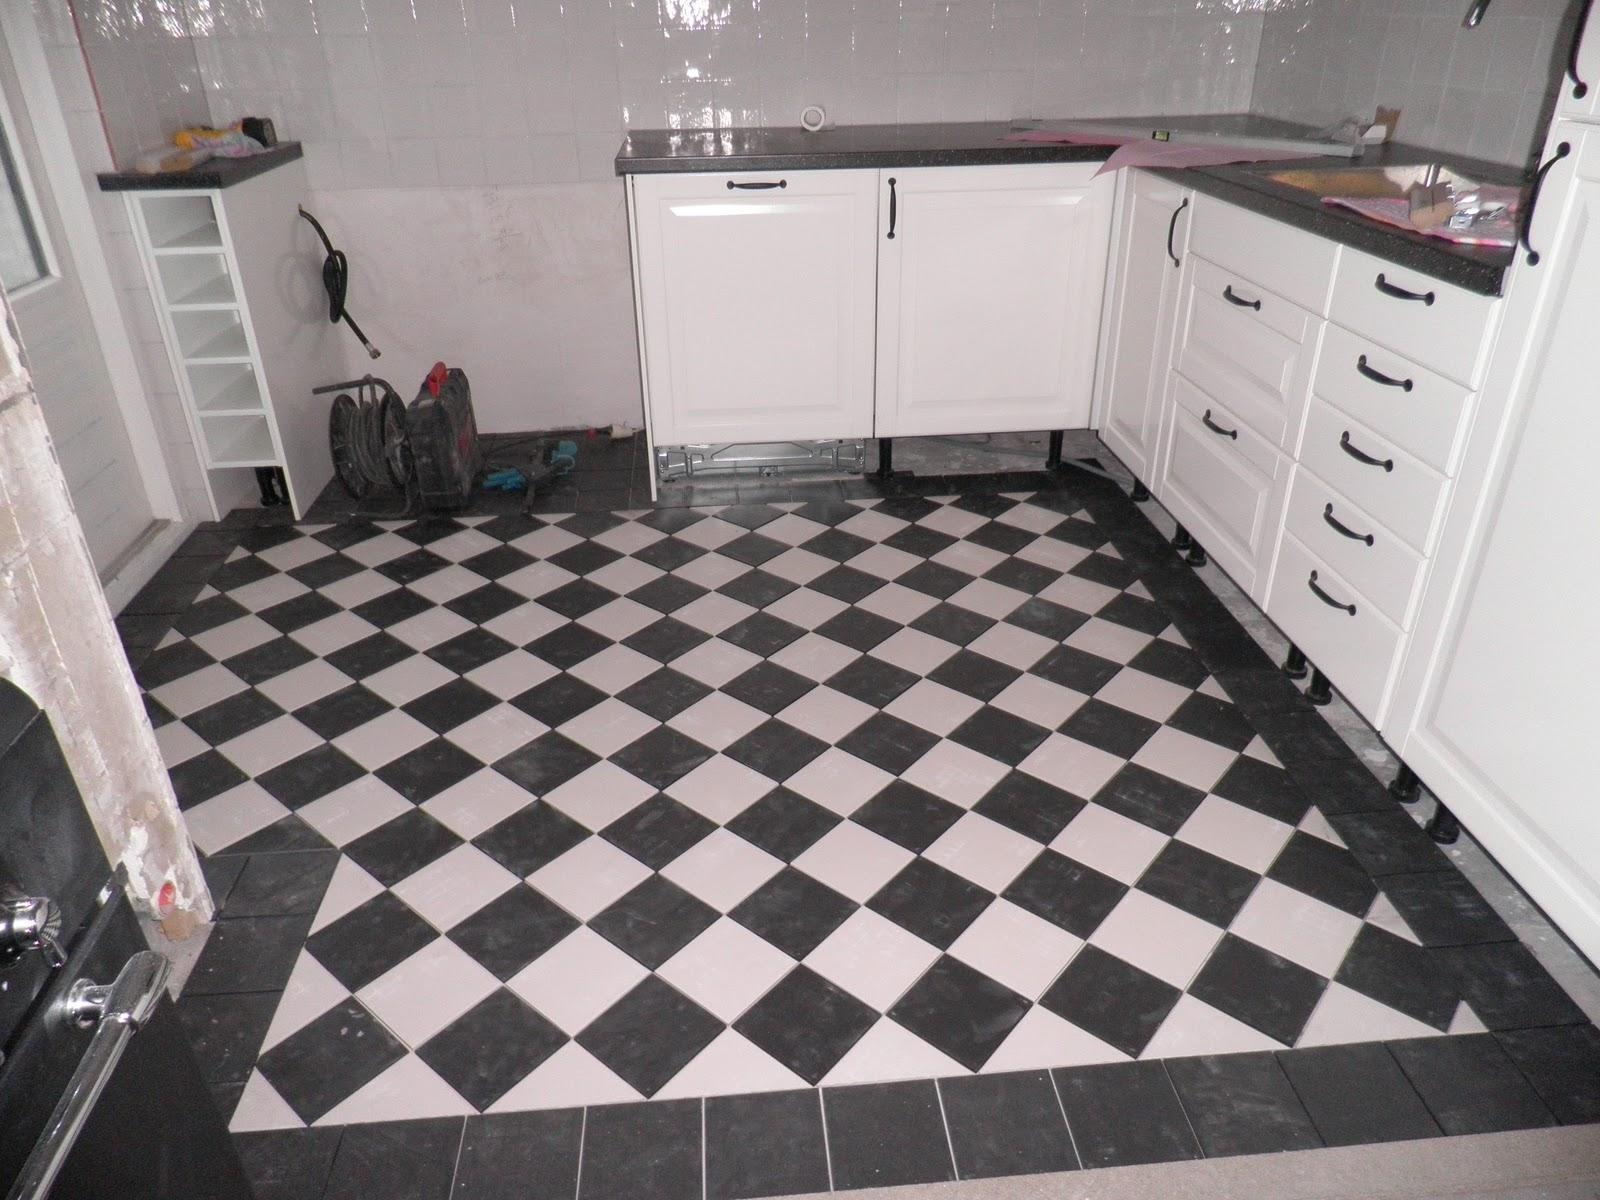 Keuken Wandtegels Verven : Keuken Vloertegels Zwart Wit : Pin Wandtegels Keuken Verven on